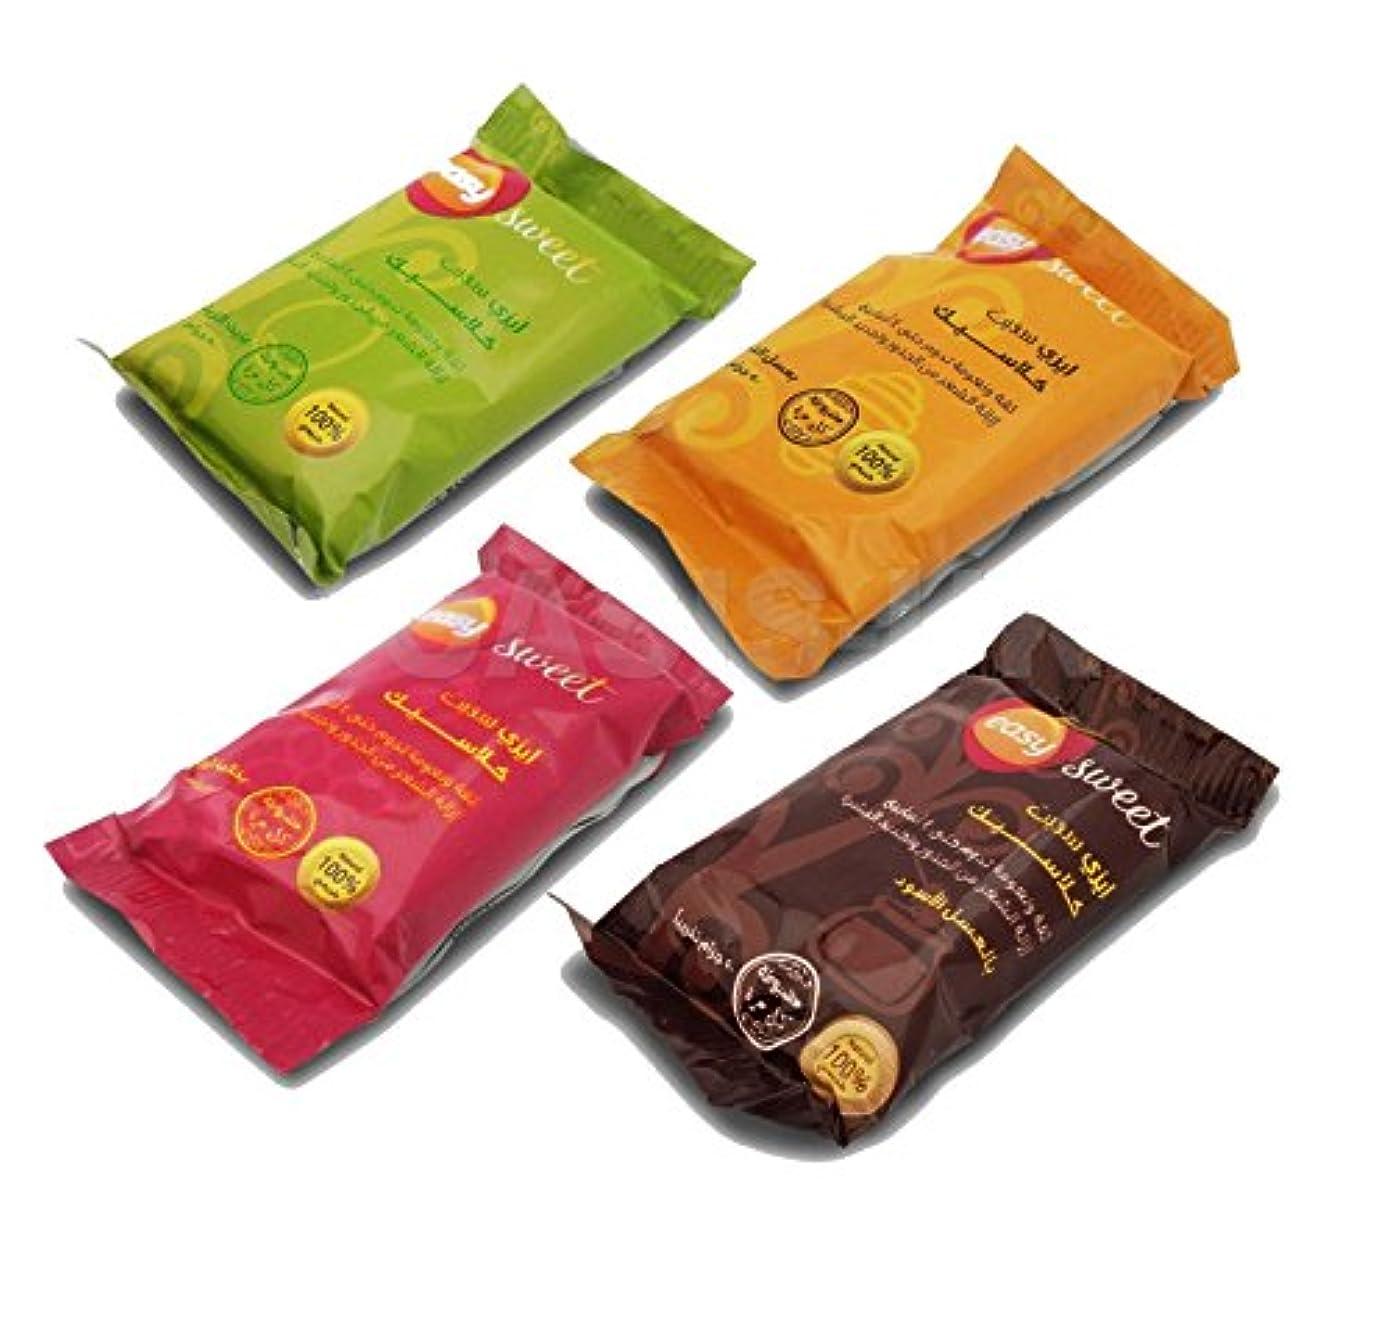 ボクシングワーム8 X 50 gm Sweet Packets Sugaring Sugar Wax Hair Removal 100% Natural All Essence